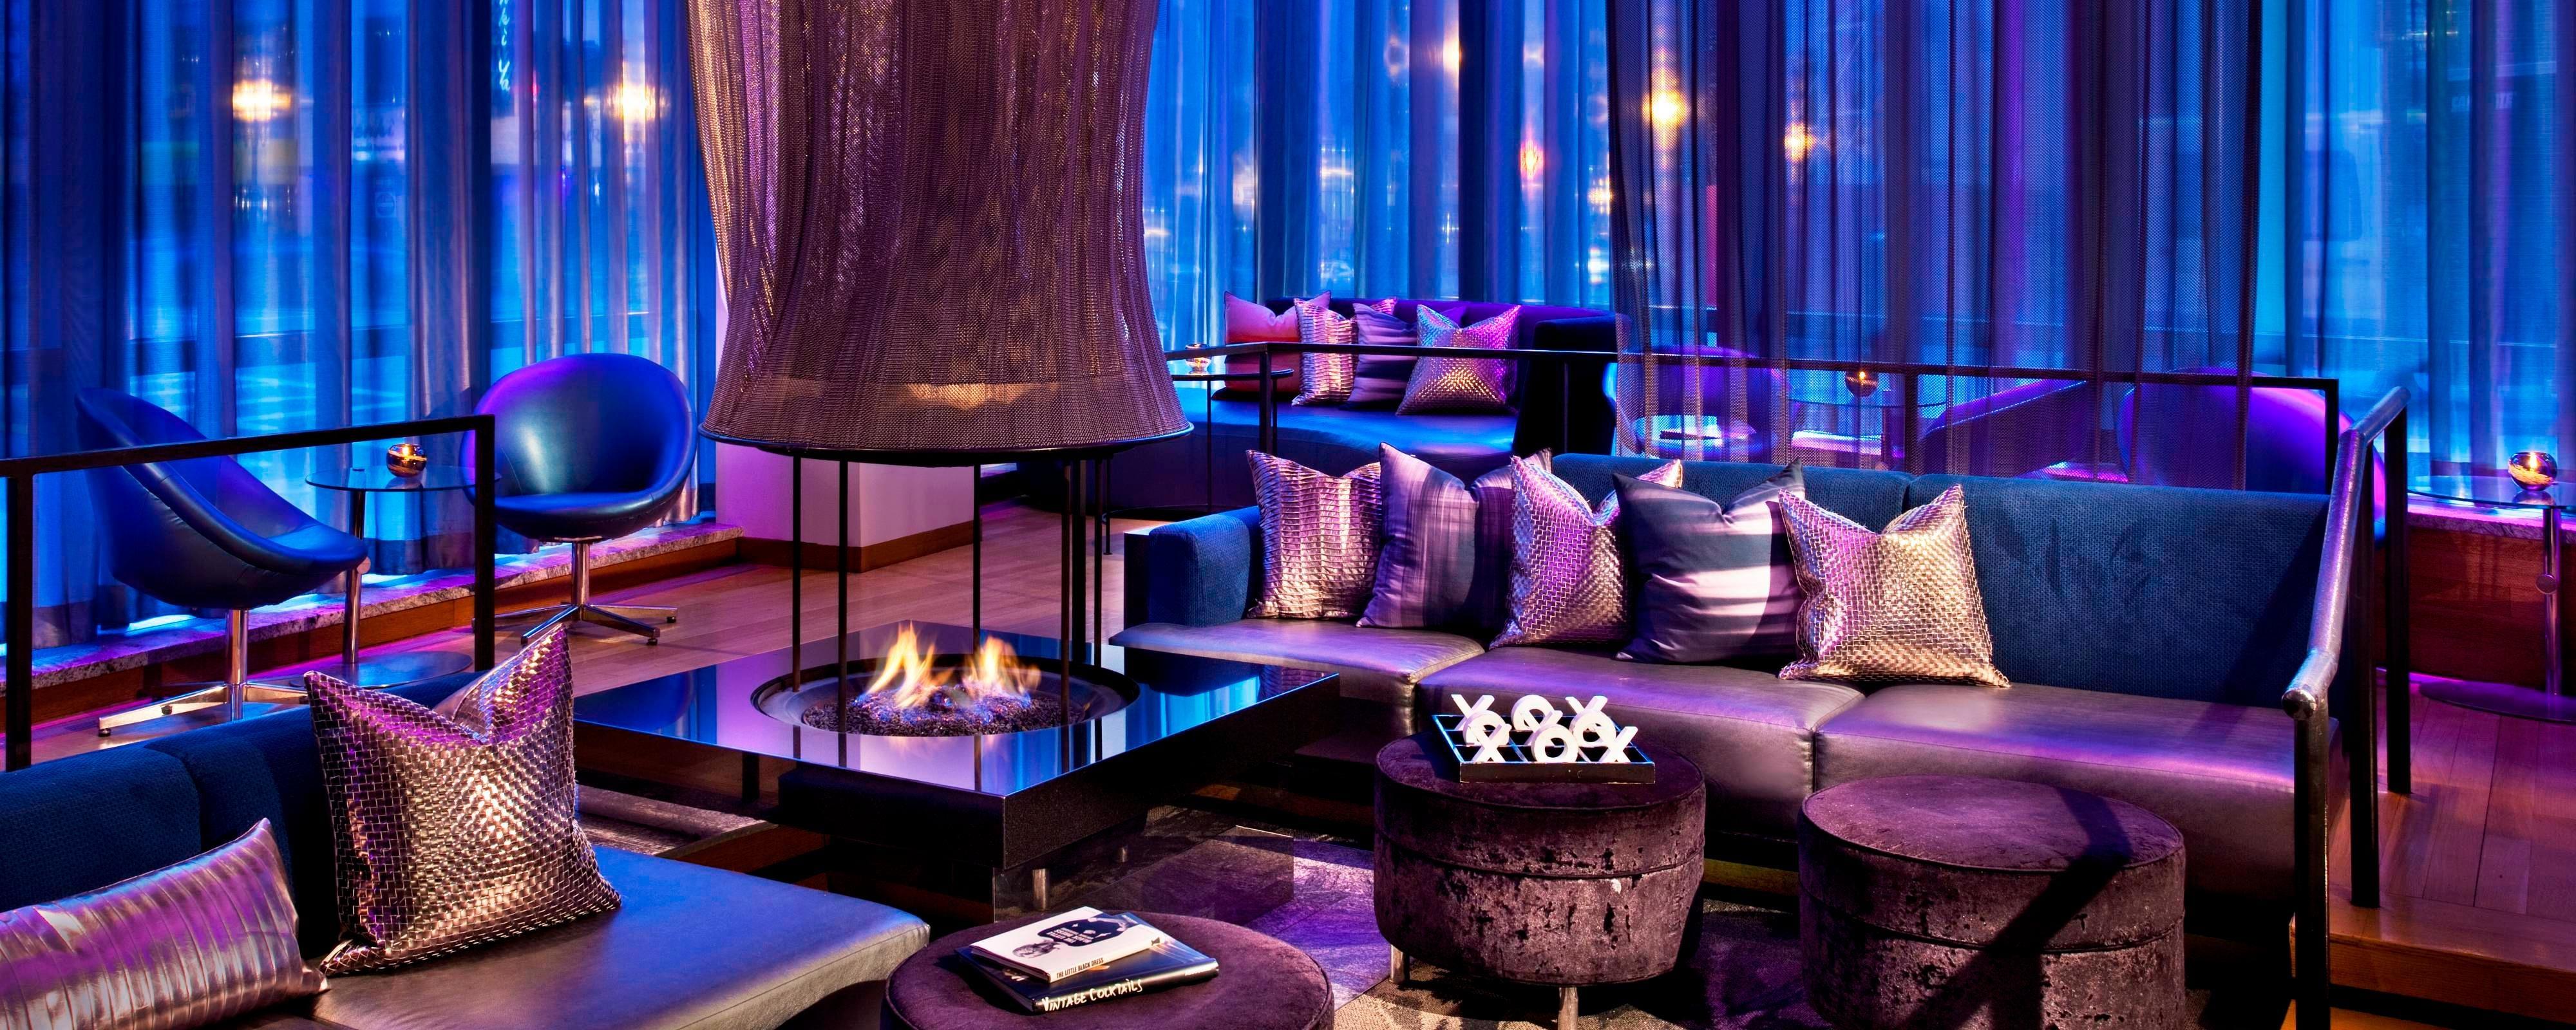 W Lounge Fireside